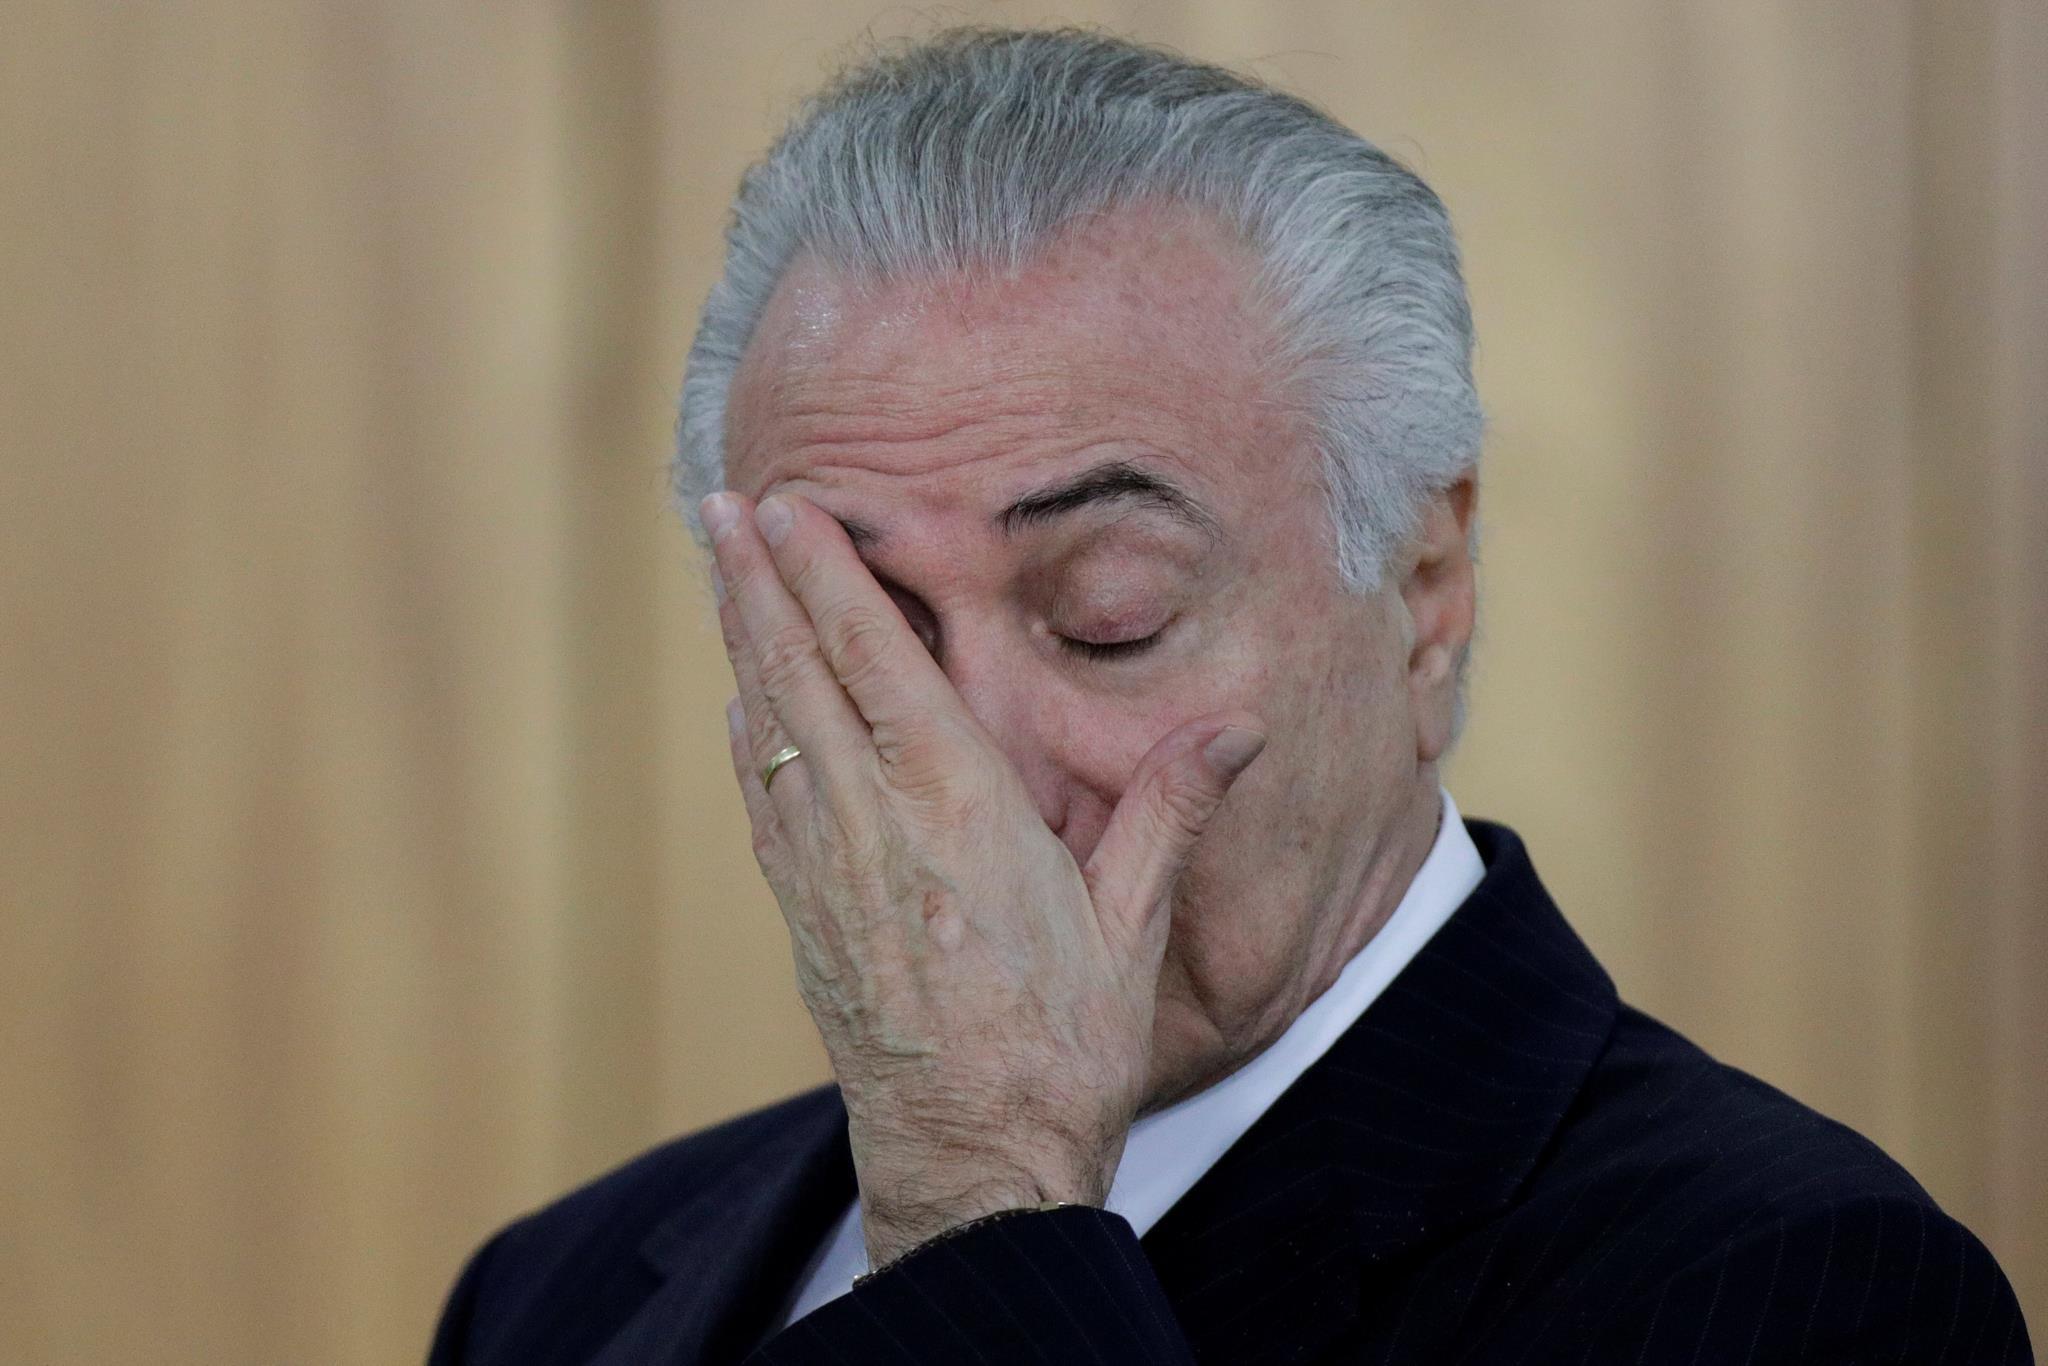 PÚBLICO - Temer é o primeiro Presidente denunciado junto do Supremo. E agora?